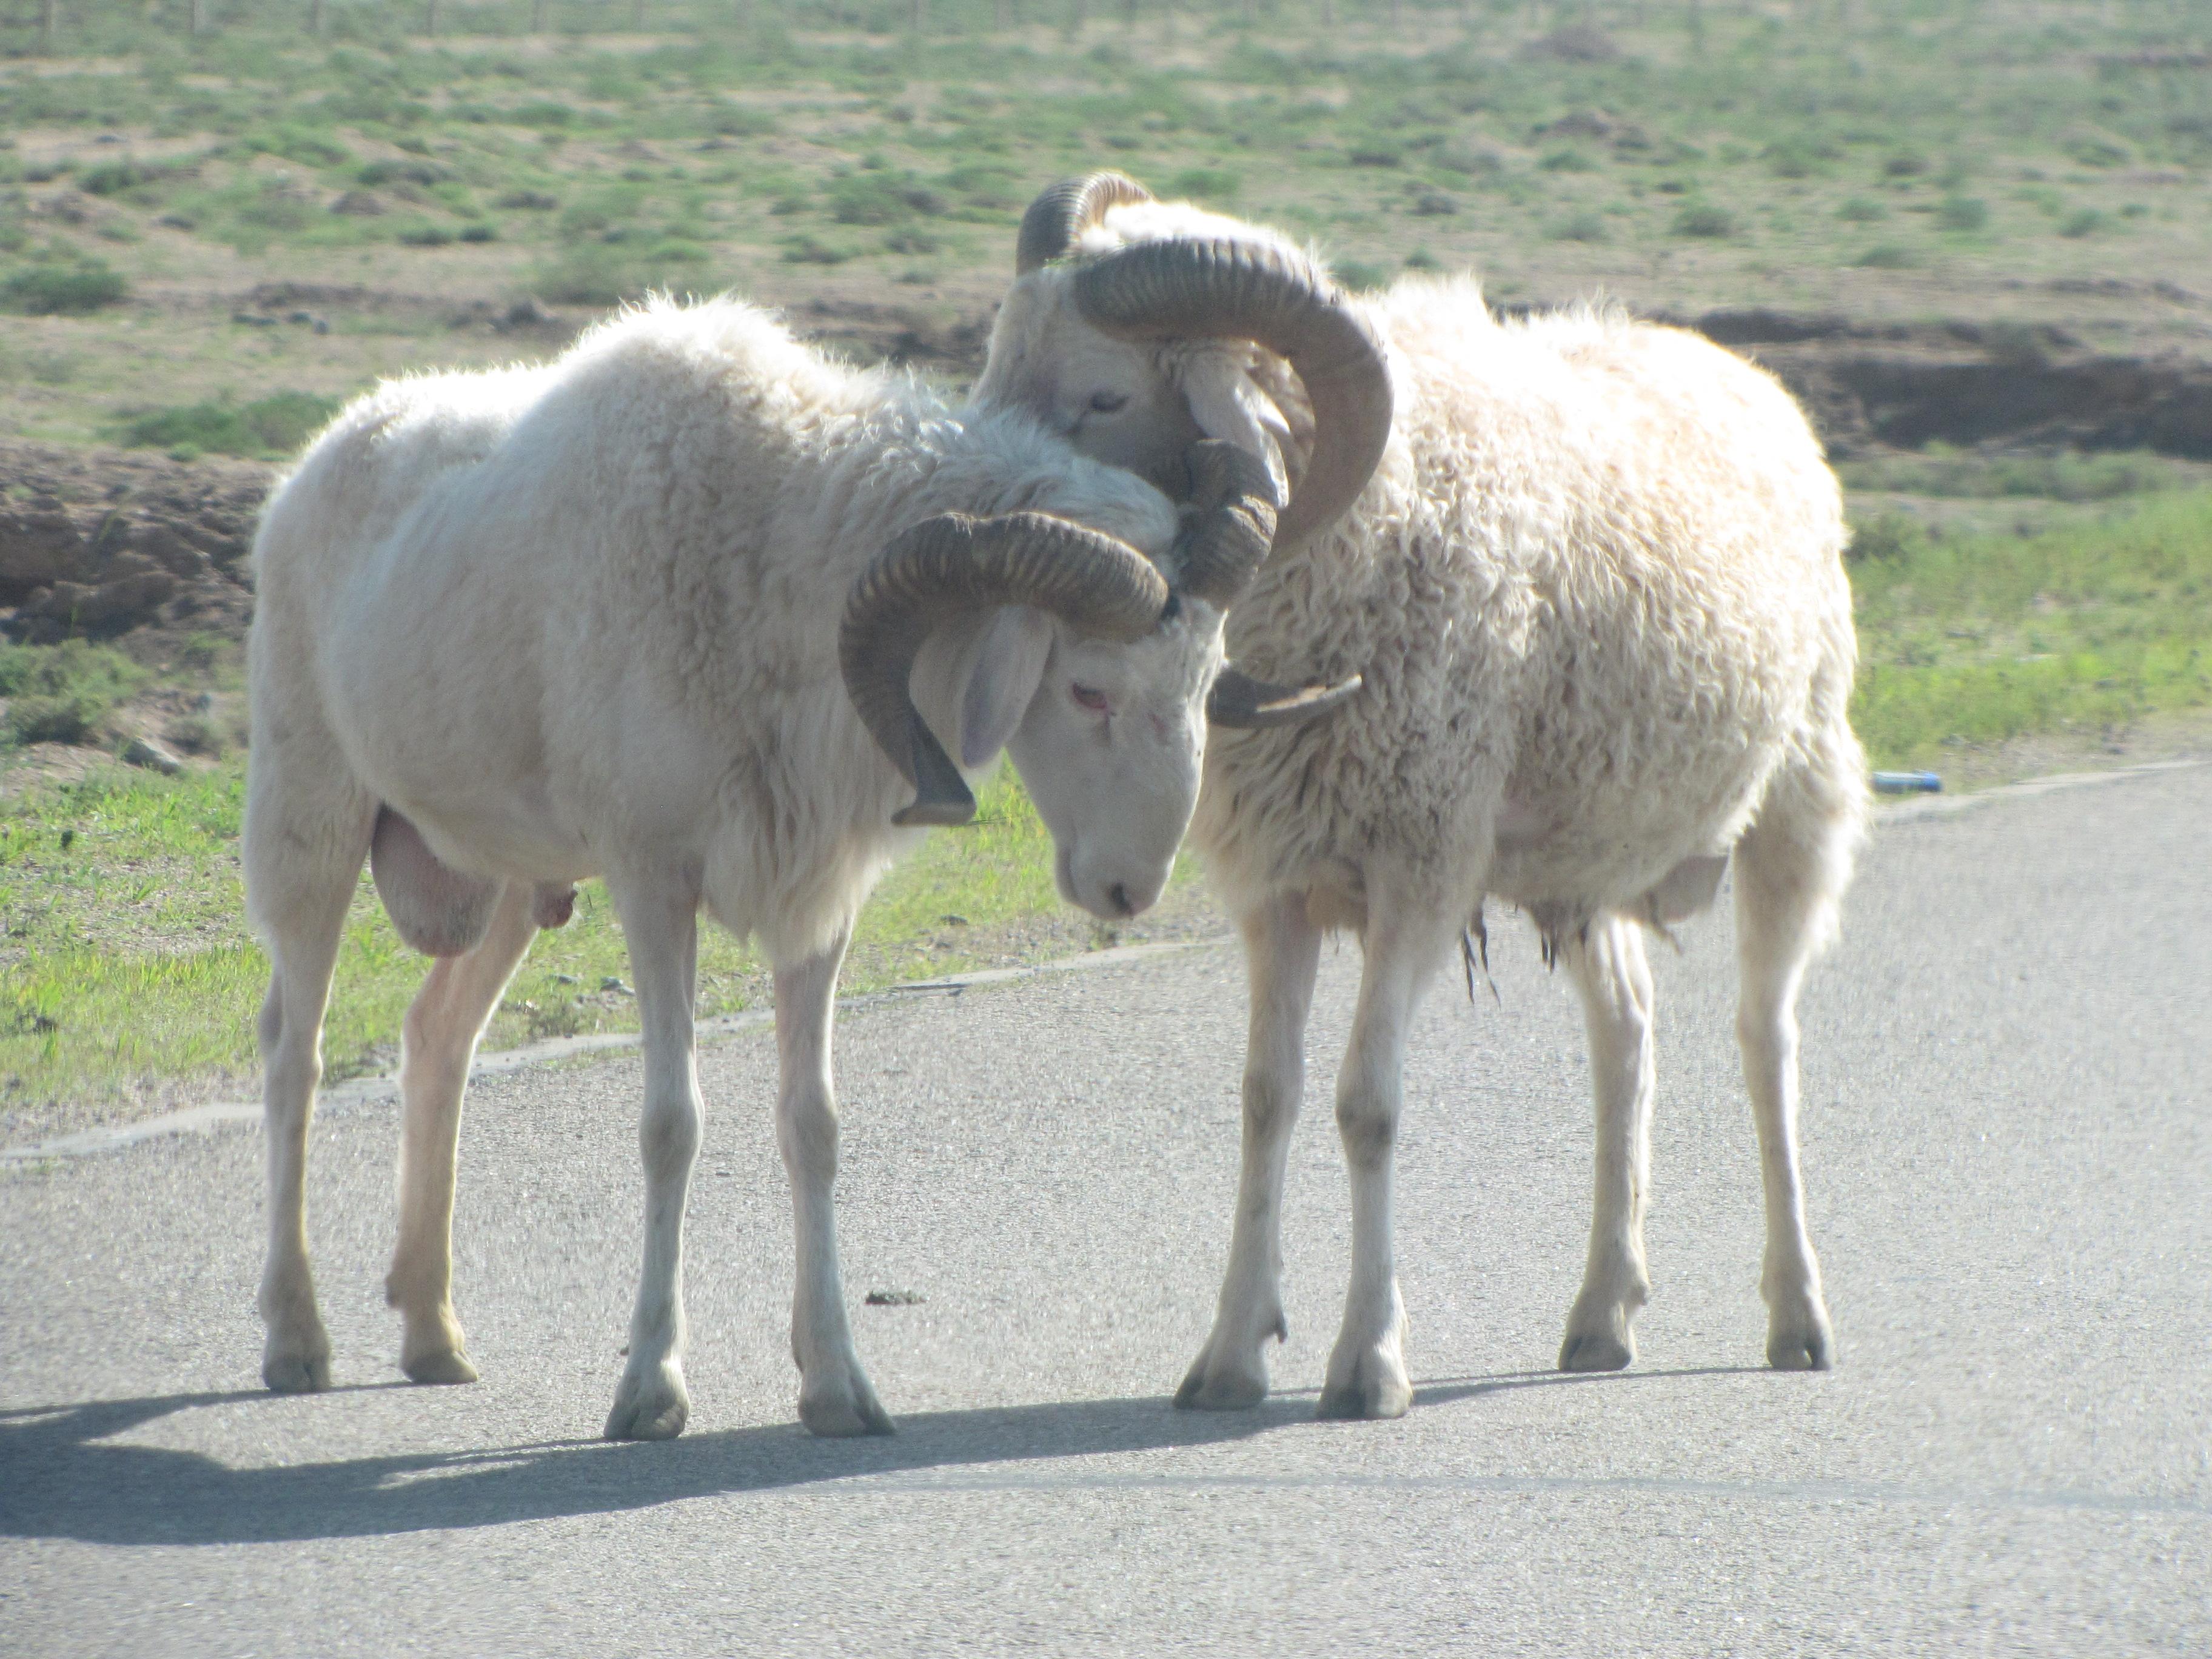 内蒙古戈壁滩上有那些放牧动物? 关裕年 在一望无际的戈壁滩上,有的时候,你的车走了几百公里也不一定能够见到多少动物,而有的时候,近在眼前的动物从你的车前面穿过,甚至于挡住你的车,慢慢悠悠,甚至在马路上,当着你的面,缠缠绵绵,在那里调情呢 骆驼应该是最常见的动物,因为它们体格健壮,又是群生,所以,不惧怕狼群,走的最远最慢,特别是有沙葱的地方,骆驼就最多。 牛是比较少的,但是也可以看得到,不成群,一般几头牛,在那里吃草。马群也不是太多,不像呼伦贝尔,那里的马群特别多,估计是那里的草马群最爱光顾,所以,马群在